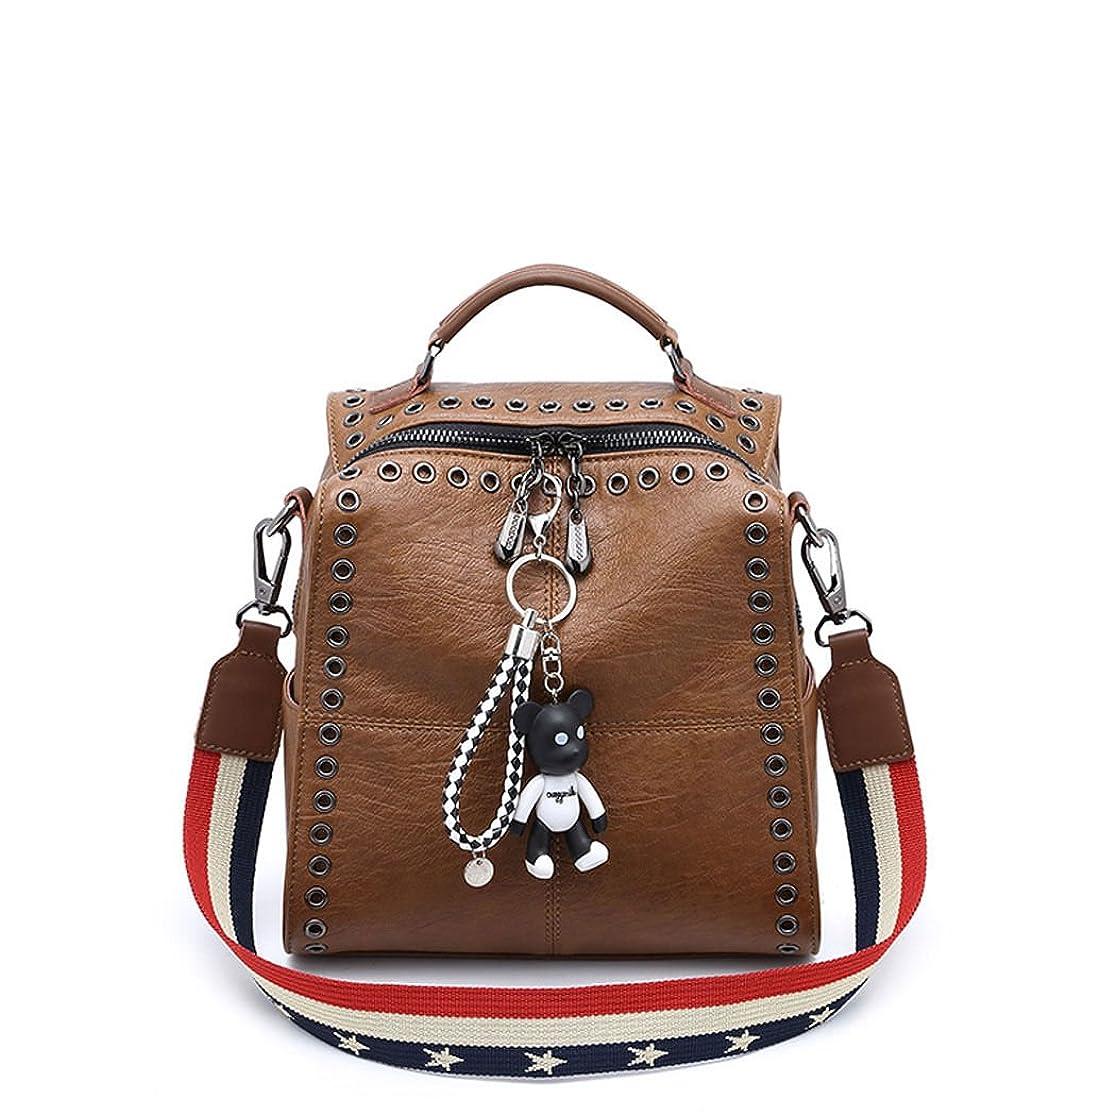 統合農学動かないDOODOO レディース リュック ミニ バックパック PUレザー ポシェット Mini Rucksack Bag for Women